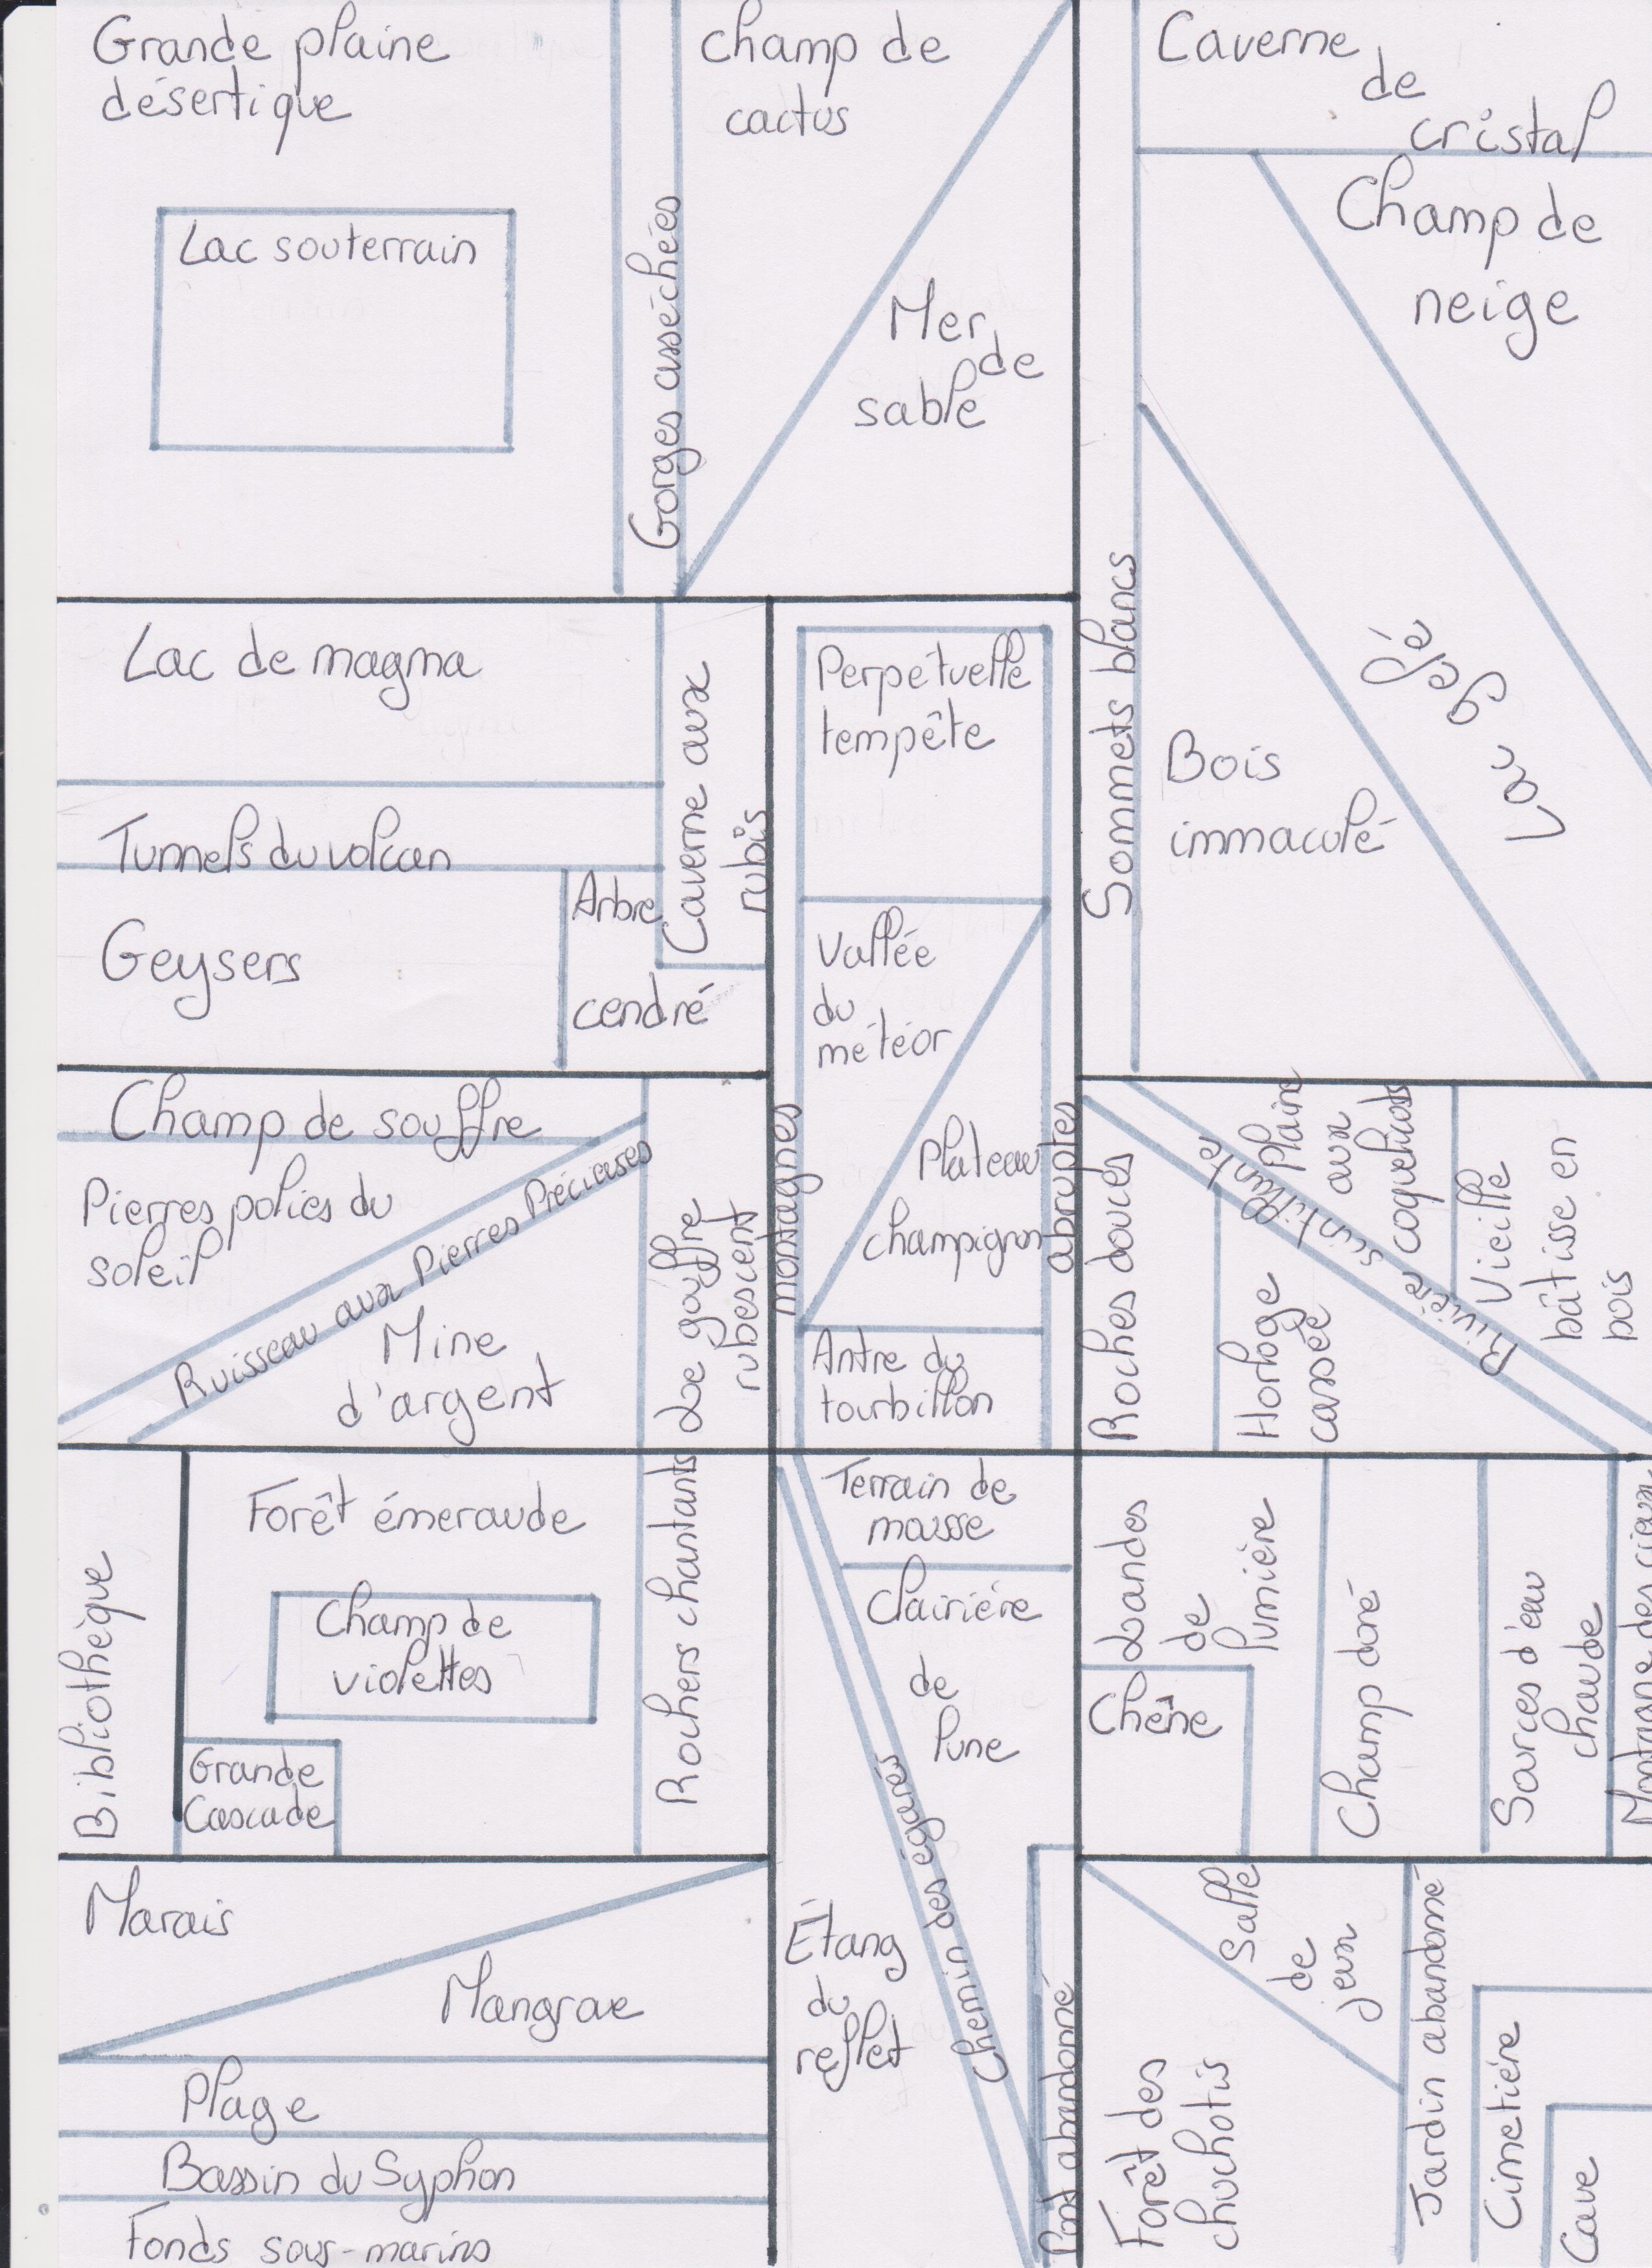 La carte du Sanctuaire 590788i20cimgpshorig